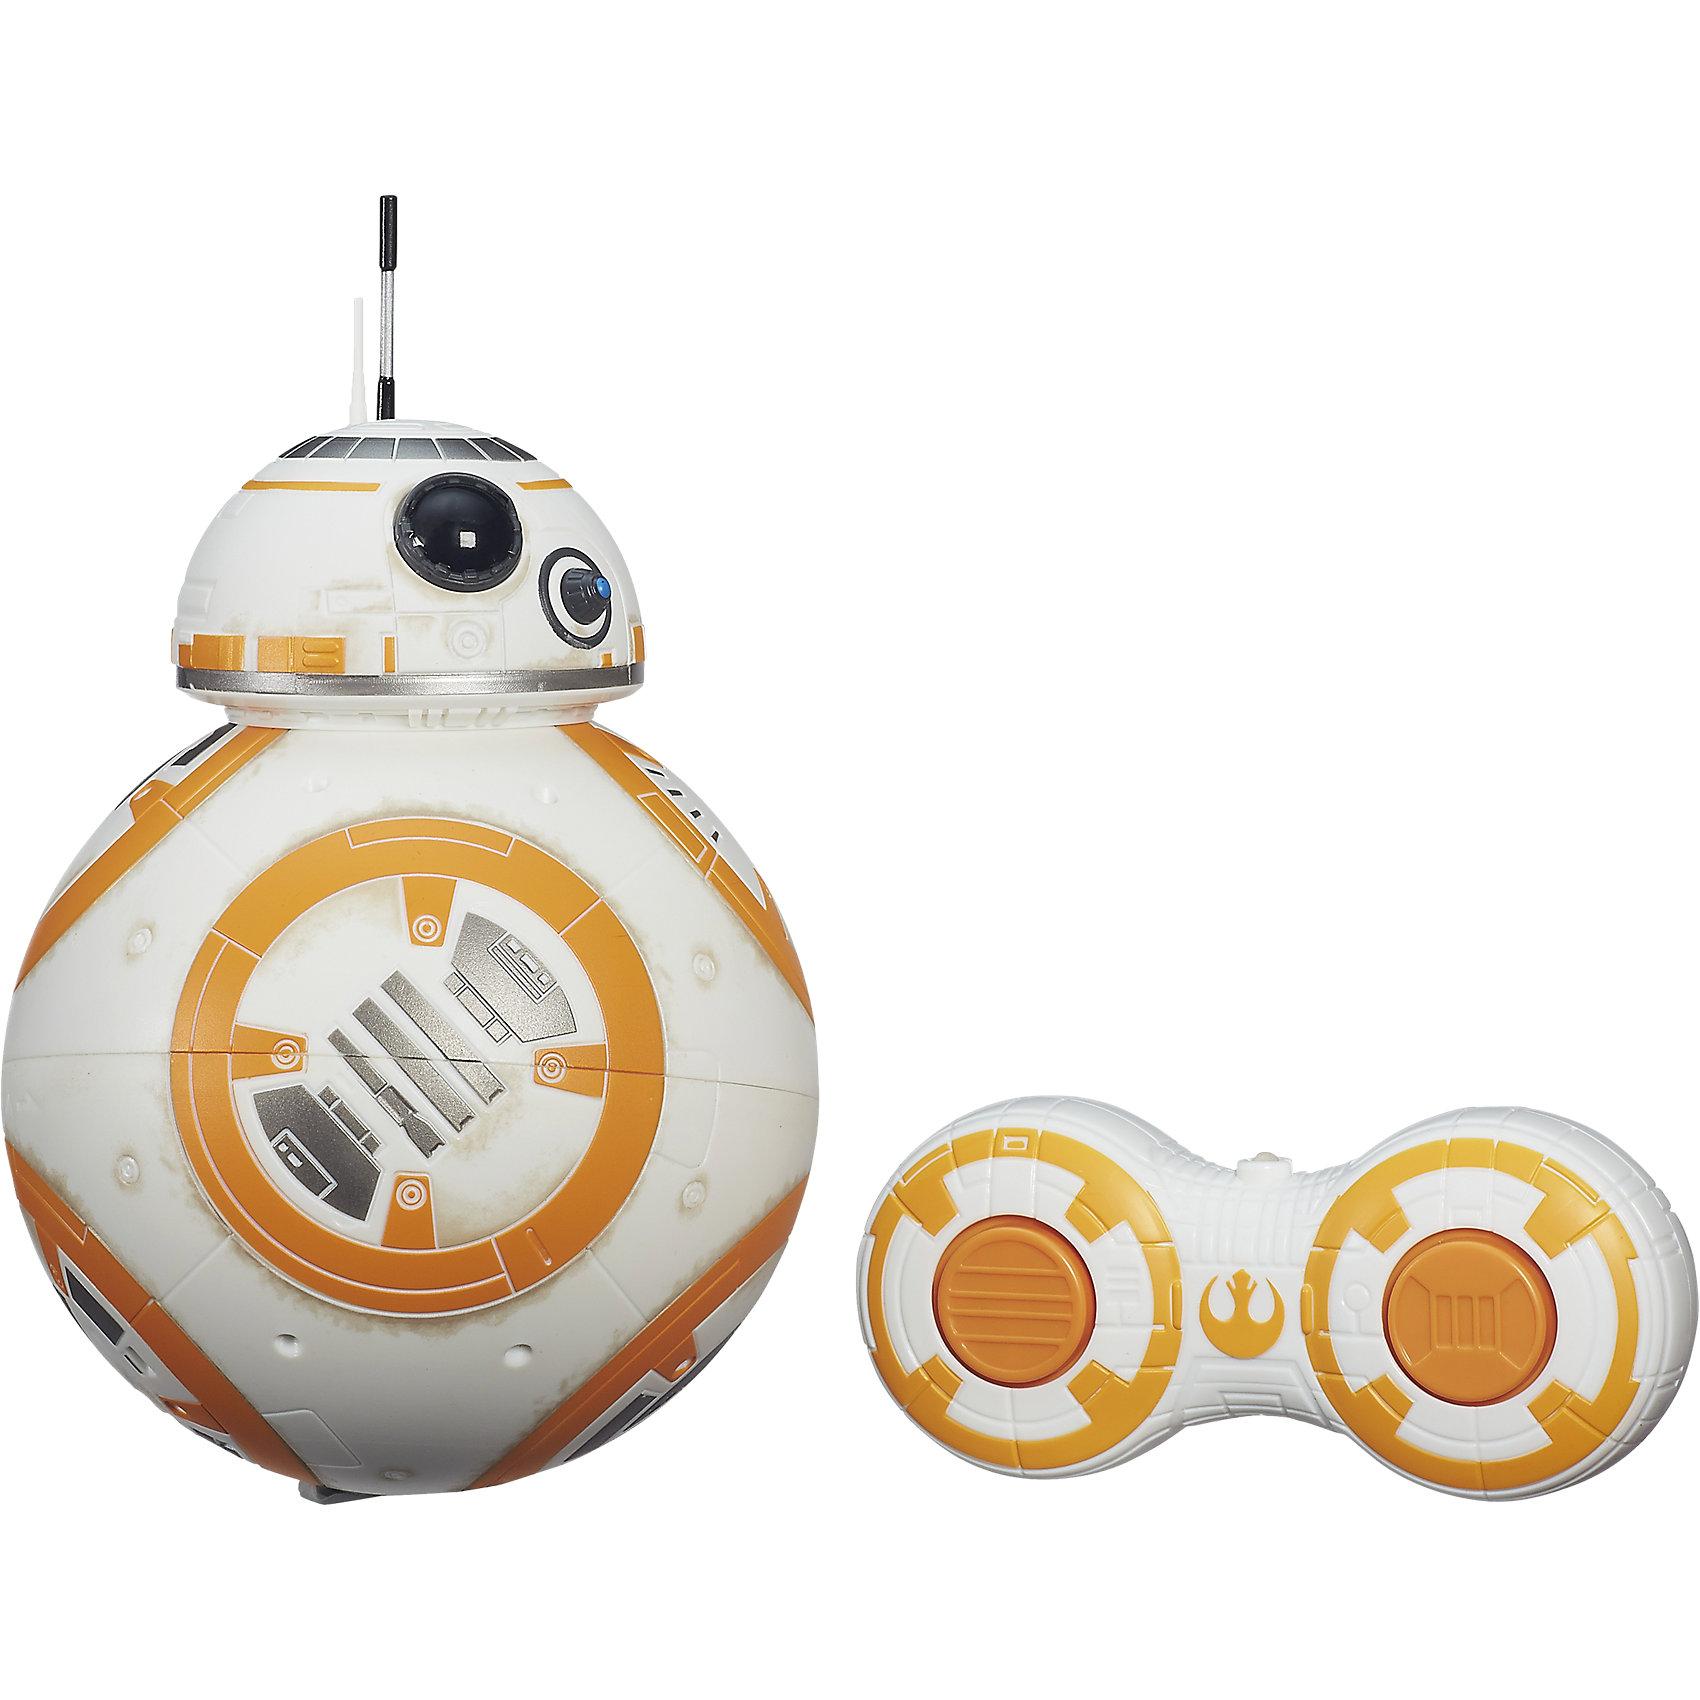 Дроид BB-8 с пультом управления, Звездные войныСпасай галактику, управляя дроидом - одним из основных героев нового фильма Звездных войн. Дроид на пульте управления, в точности повторяющий внешний вид и уникальные свойства киноперсонажа, позволит детям вопроизвести сцены кино у себя дома.<br><br>Дополнительная информация:<br><br>Дальность действия: около 8 м<br>Размеры: 16 x 22 x 14 см<br>Вес: 450 г<br>Для работы необходимы батарейки: 4 x AA/LR06 + 2 x AAA/LR03 (в комплект не входят).<br><br>Дроида BB-8 с пультом управления, Звездные войны (Star Wars) можно купить в нашем магазине.<br><br>Ширина мм: 234<br>Глубина мм: 175<br>Высота мм: 142<br>Вес г: 734<br>Возраст от месяцев: 60<br>Возраст до месяцев: 120<br>Пол: Мужской<br>Возраст: Детский<br>SKU: 4261594